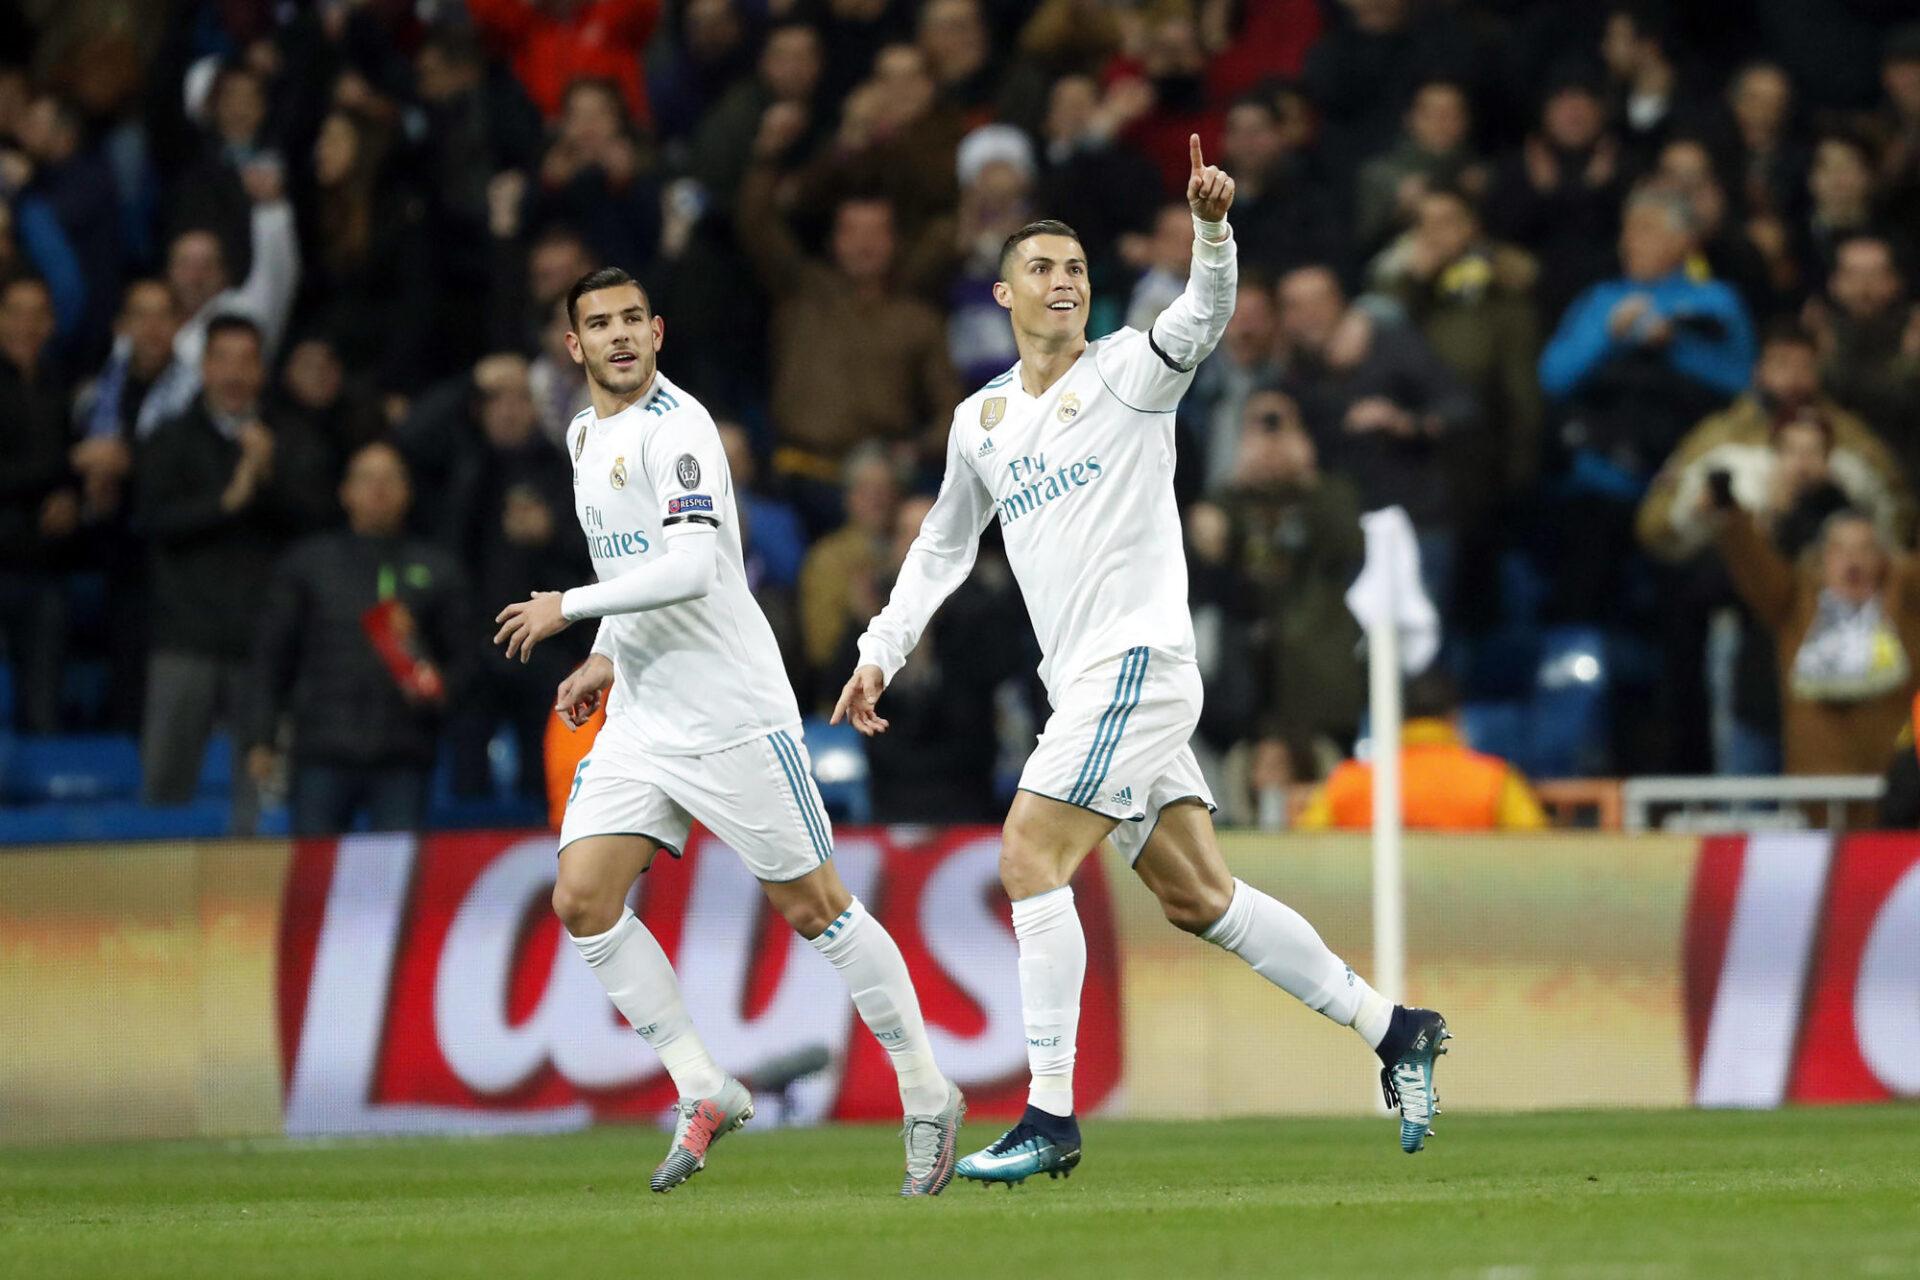 Theo Hernandez a fait toute sa formation à l'Atlético de Madrid, puis a rejoint le Real Madrid en 2017, où il a côtoyé un certain Cristiano Ronaldo. Icon Sport